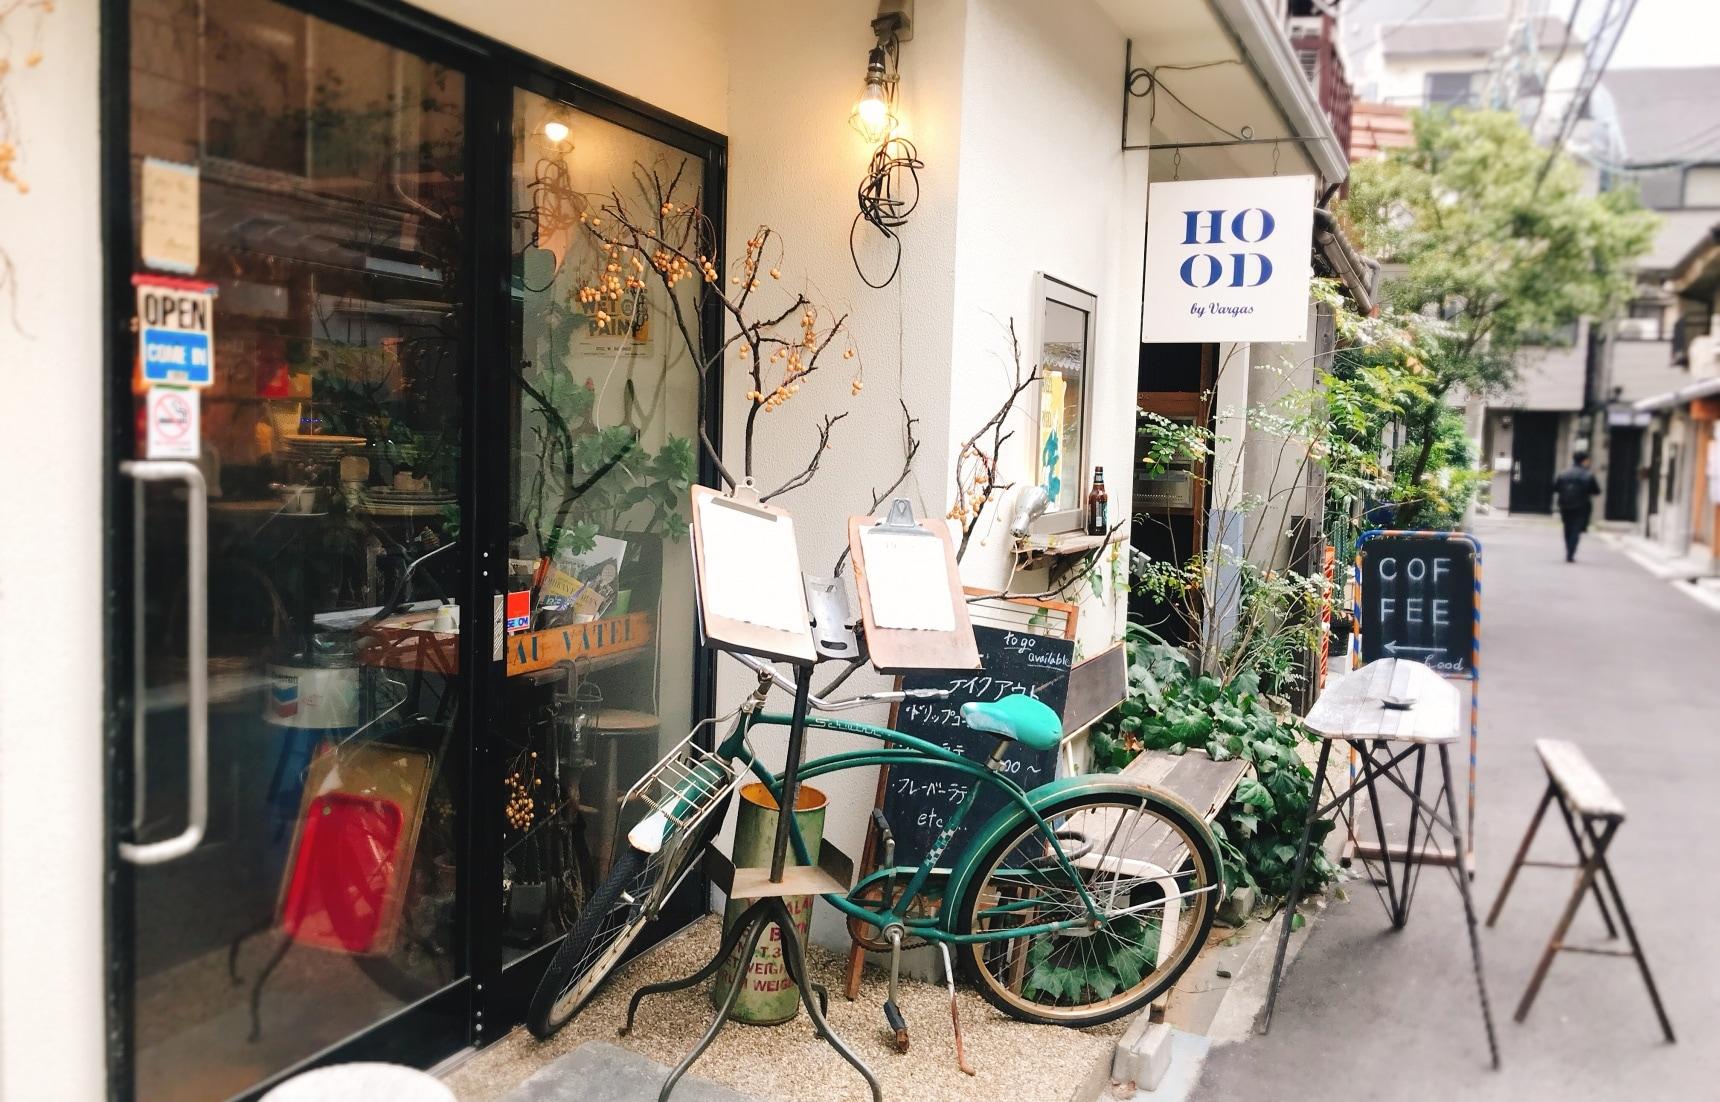 【大阪偶遇好店】隱身在新舊融合巷弄中的無機質咖啡廳「HOOD by Vargas」